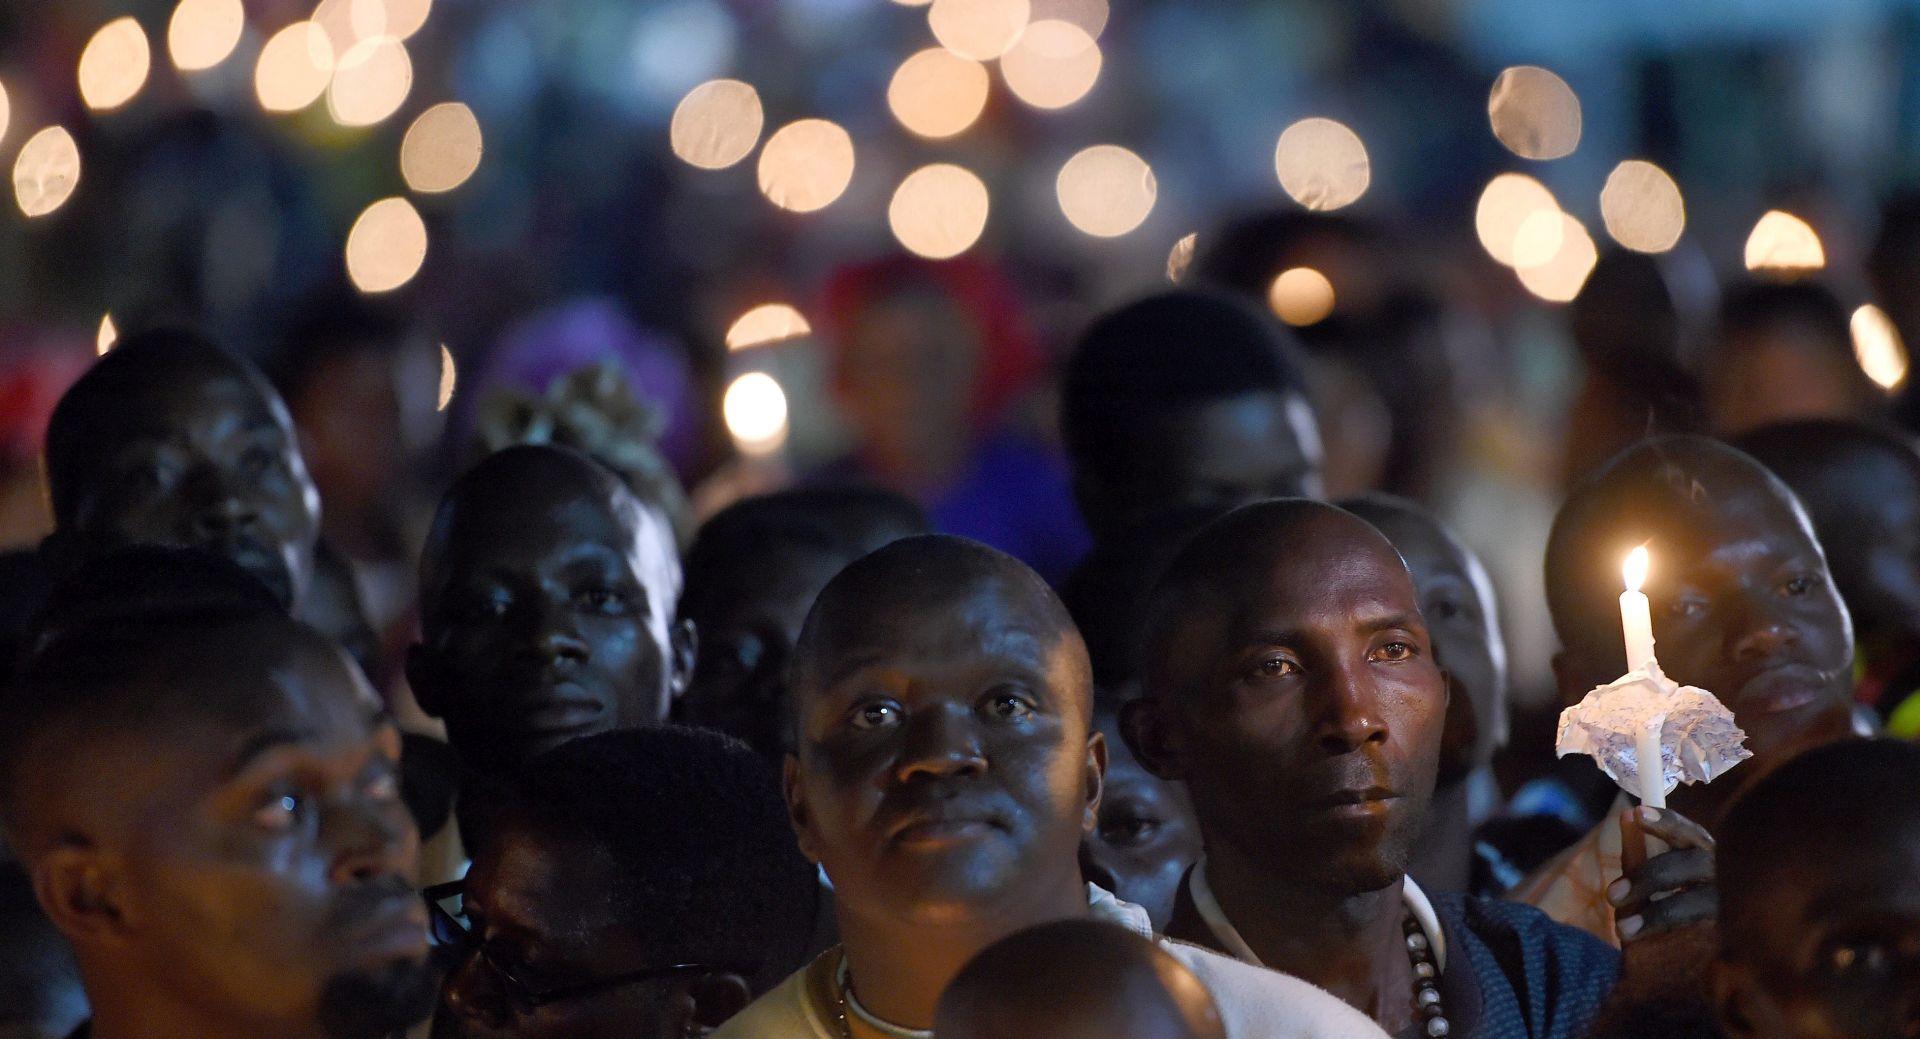 JEDINSTVO Kenijski muslimani zaštitili kršćane od napada islamističkih militanata